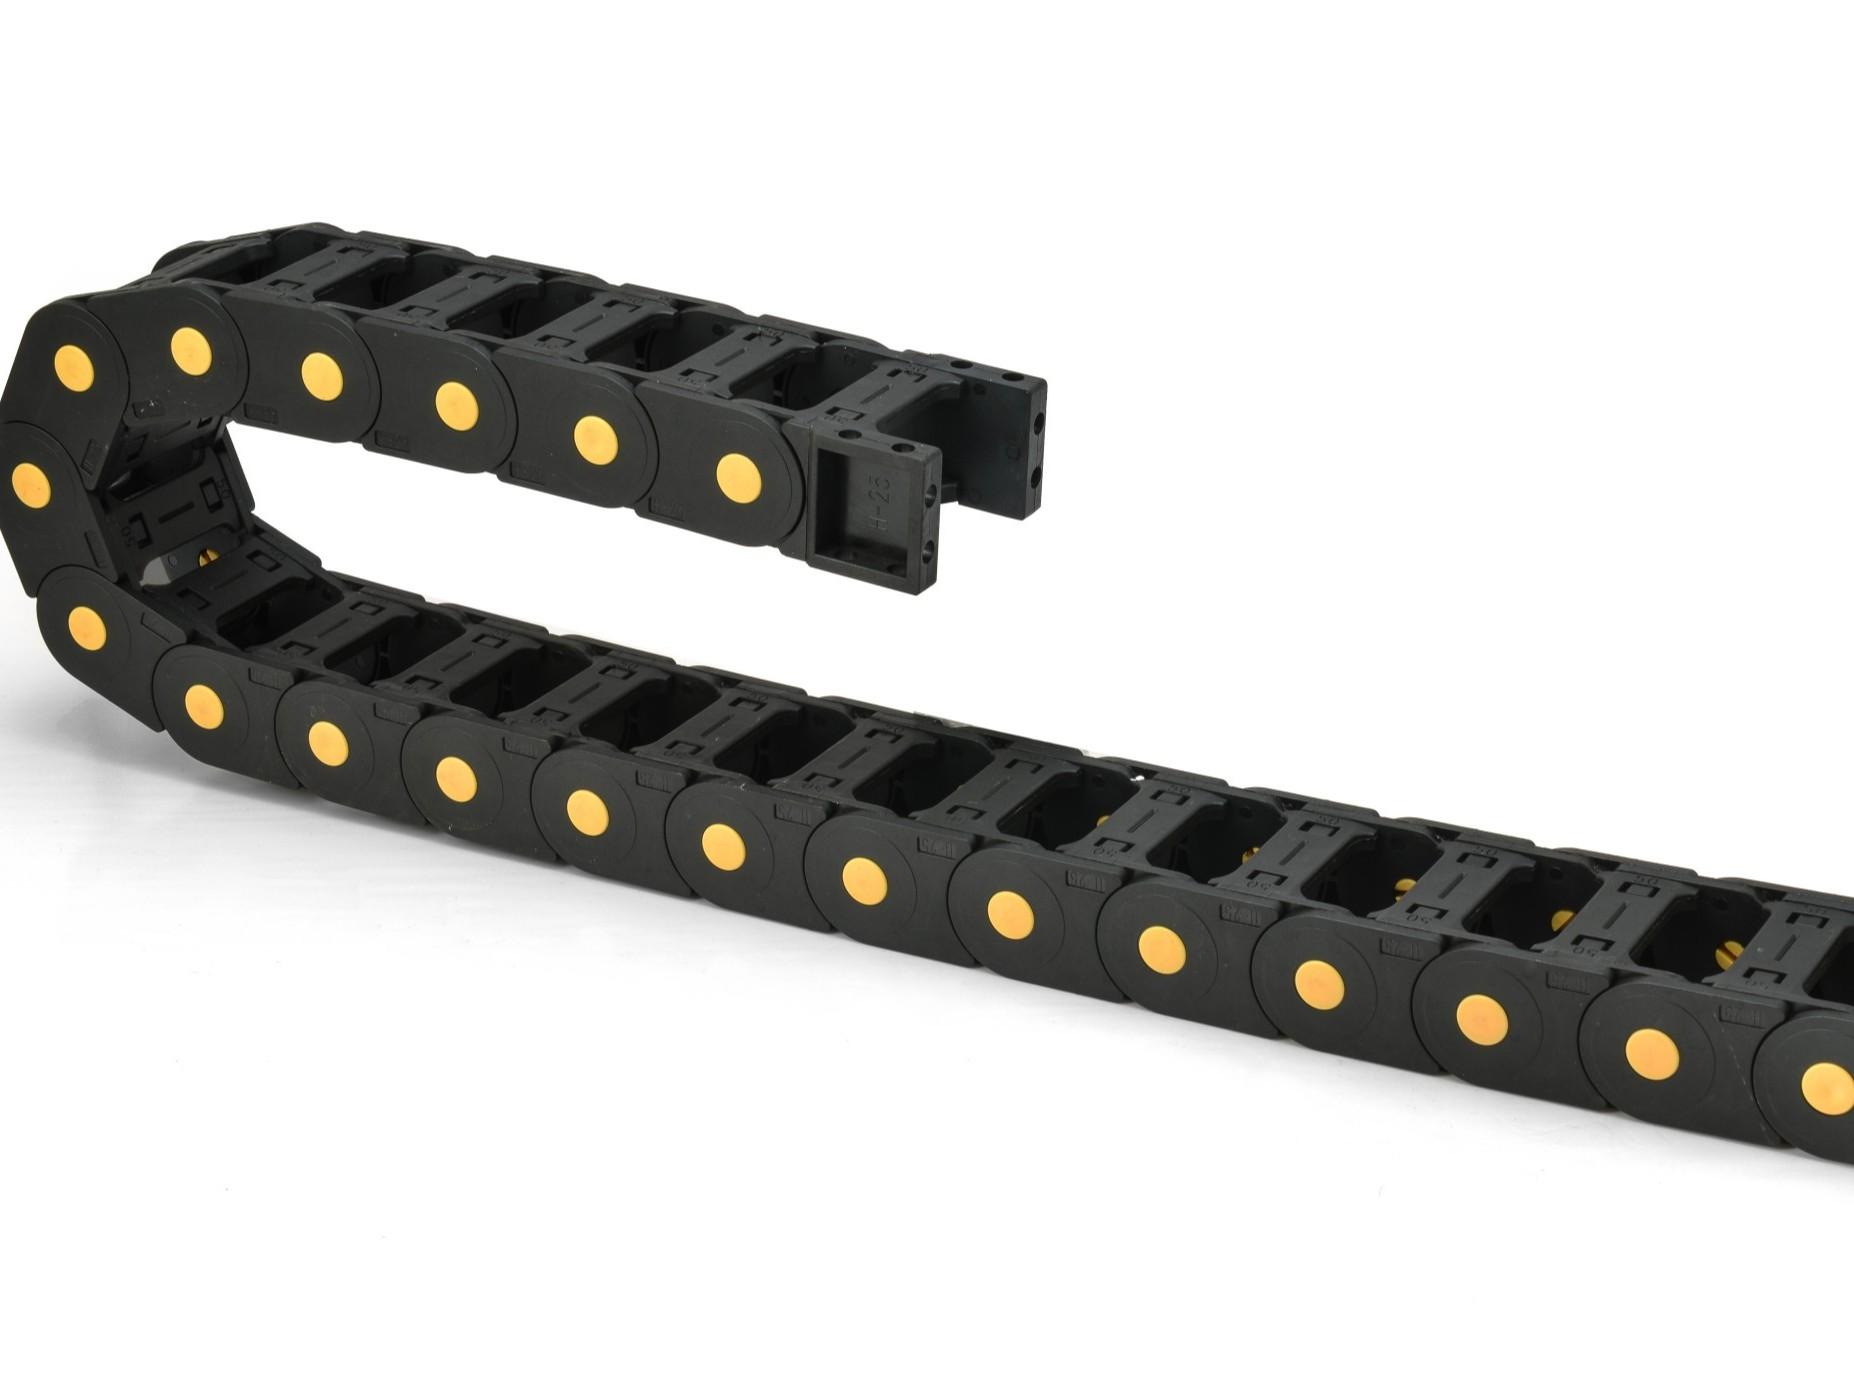 拖链黄点黑点系列(加强型)